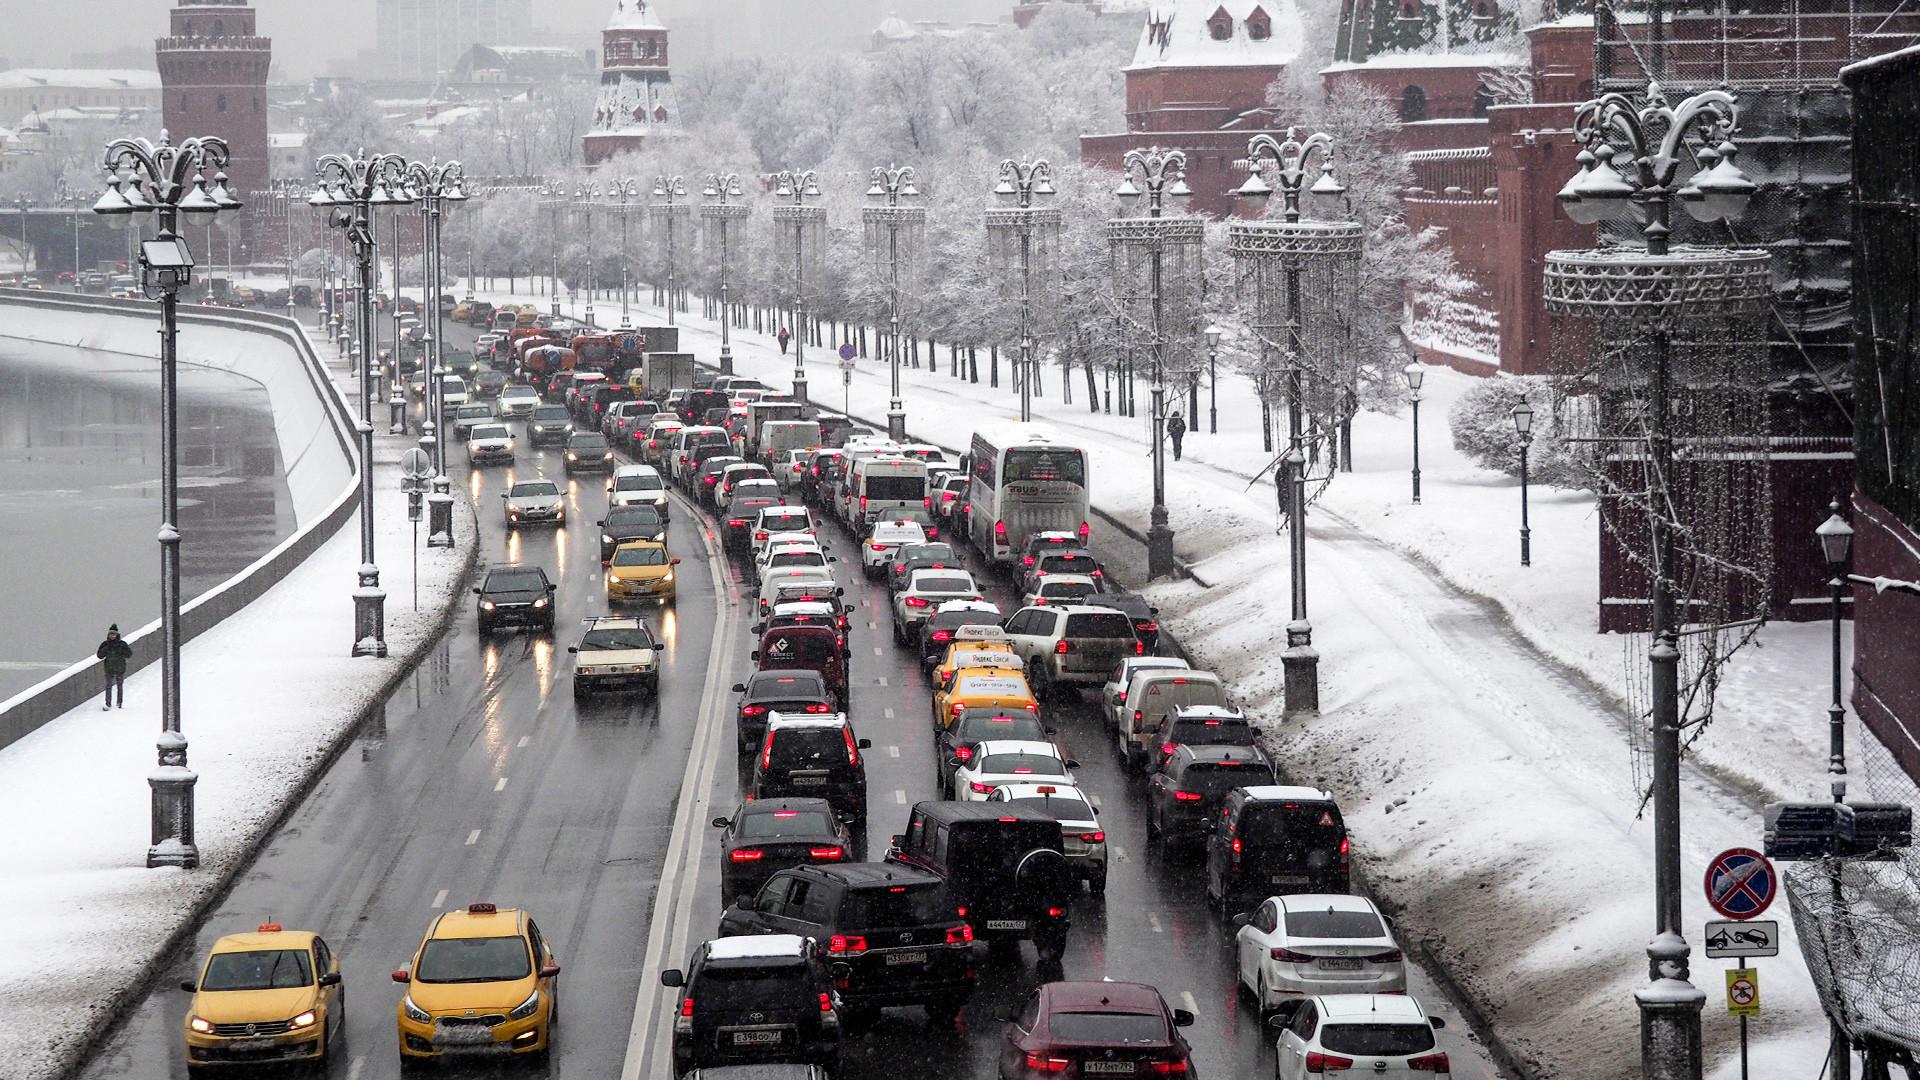 Embouteillages sur les berges de la Moskova, au pied du Kremlin de Moscou